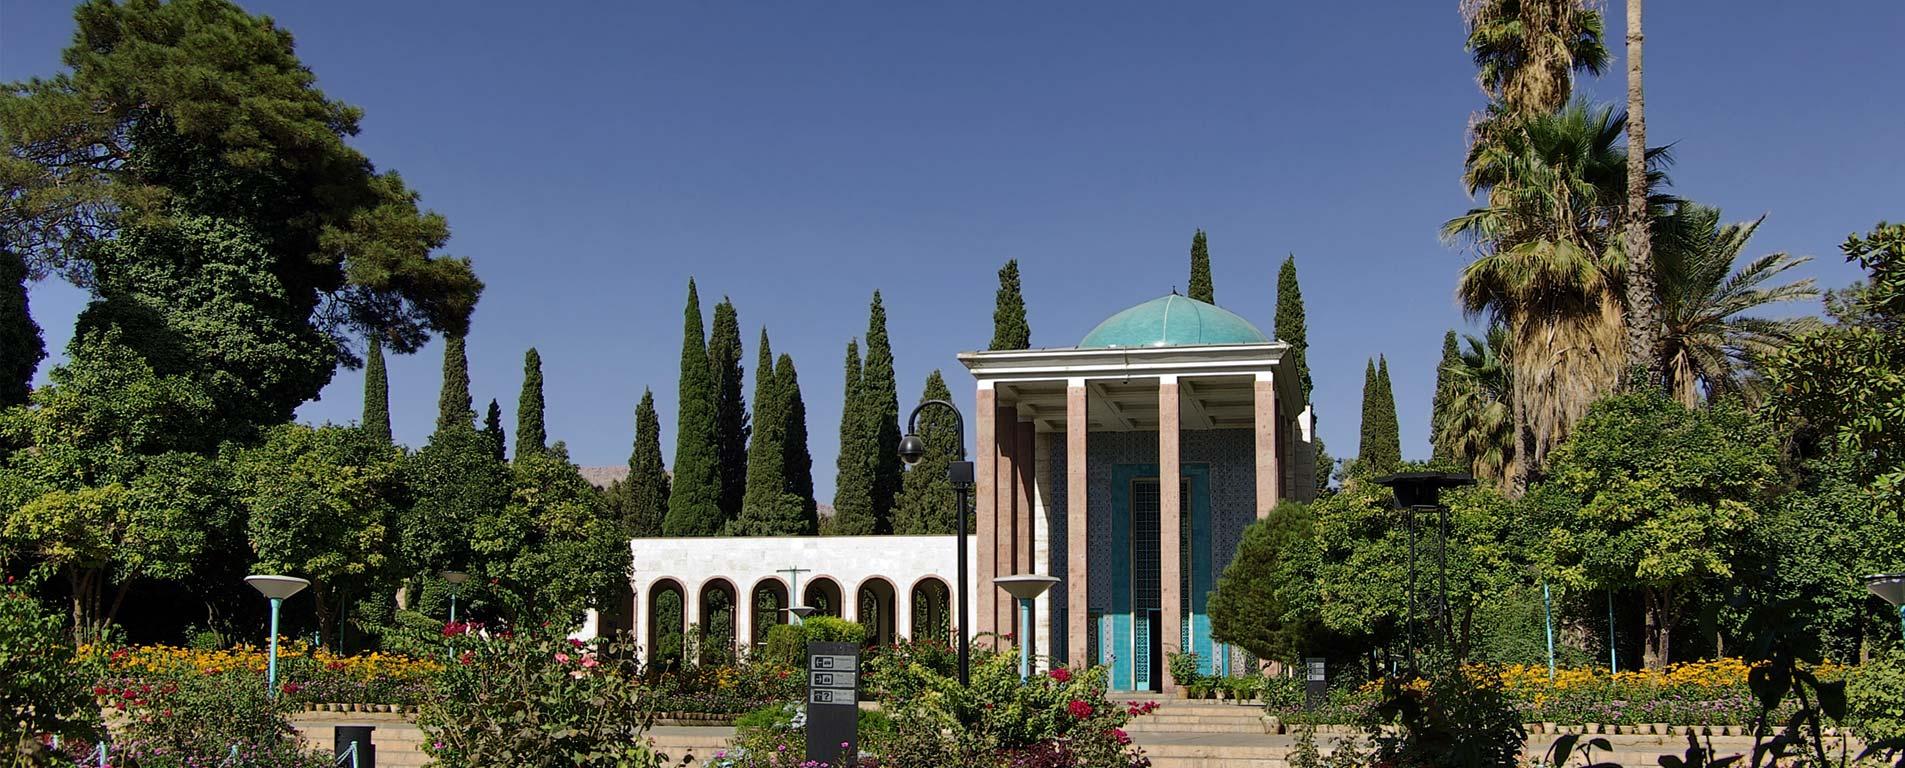 آرامگاه سعدی ، در سایه سار بوستان دلگشای شیراز